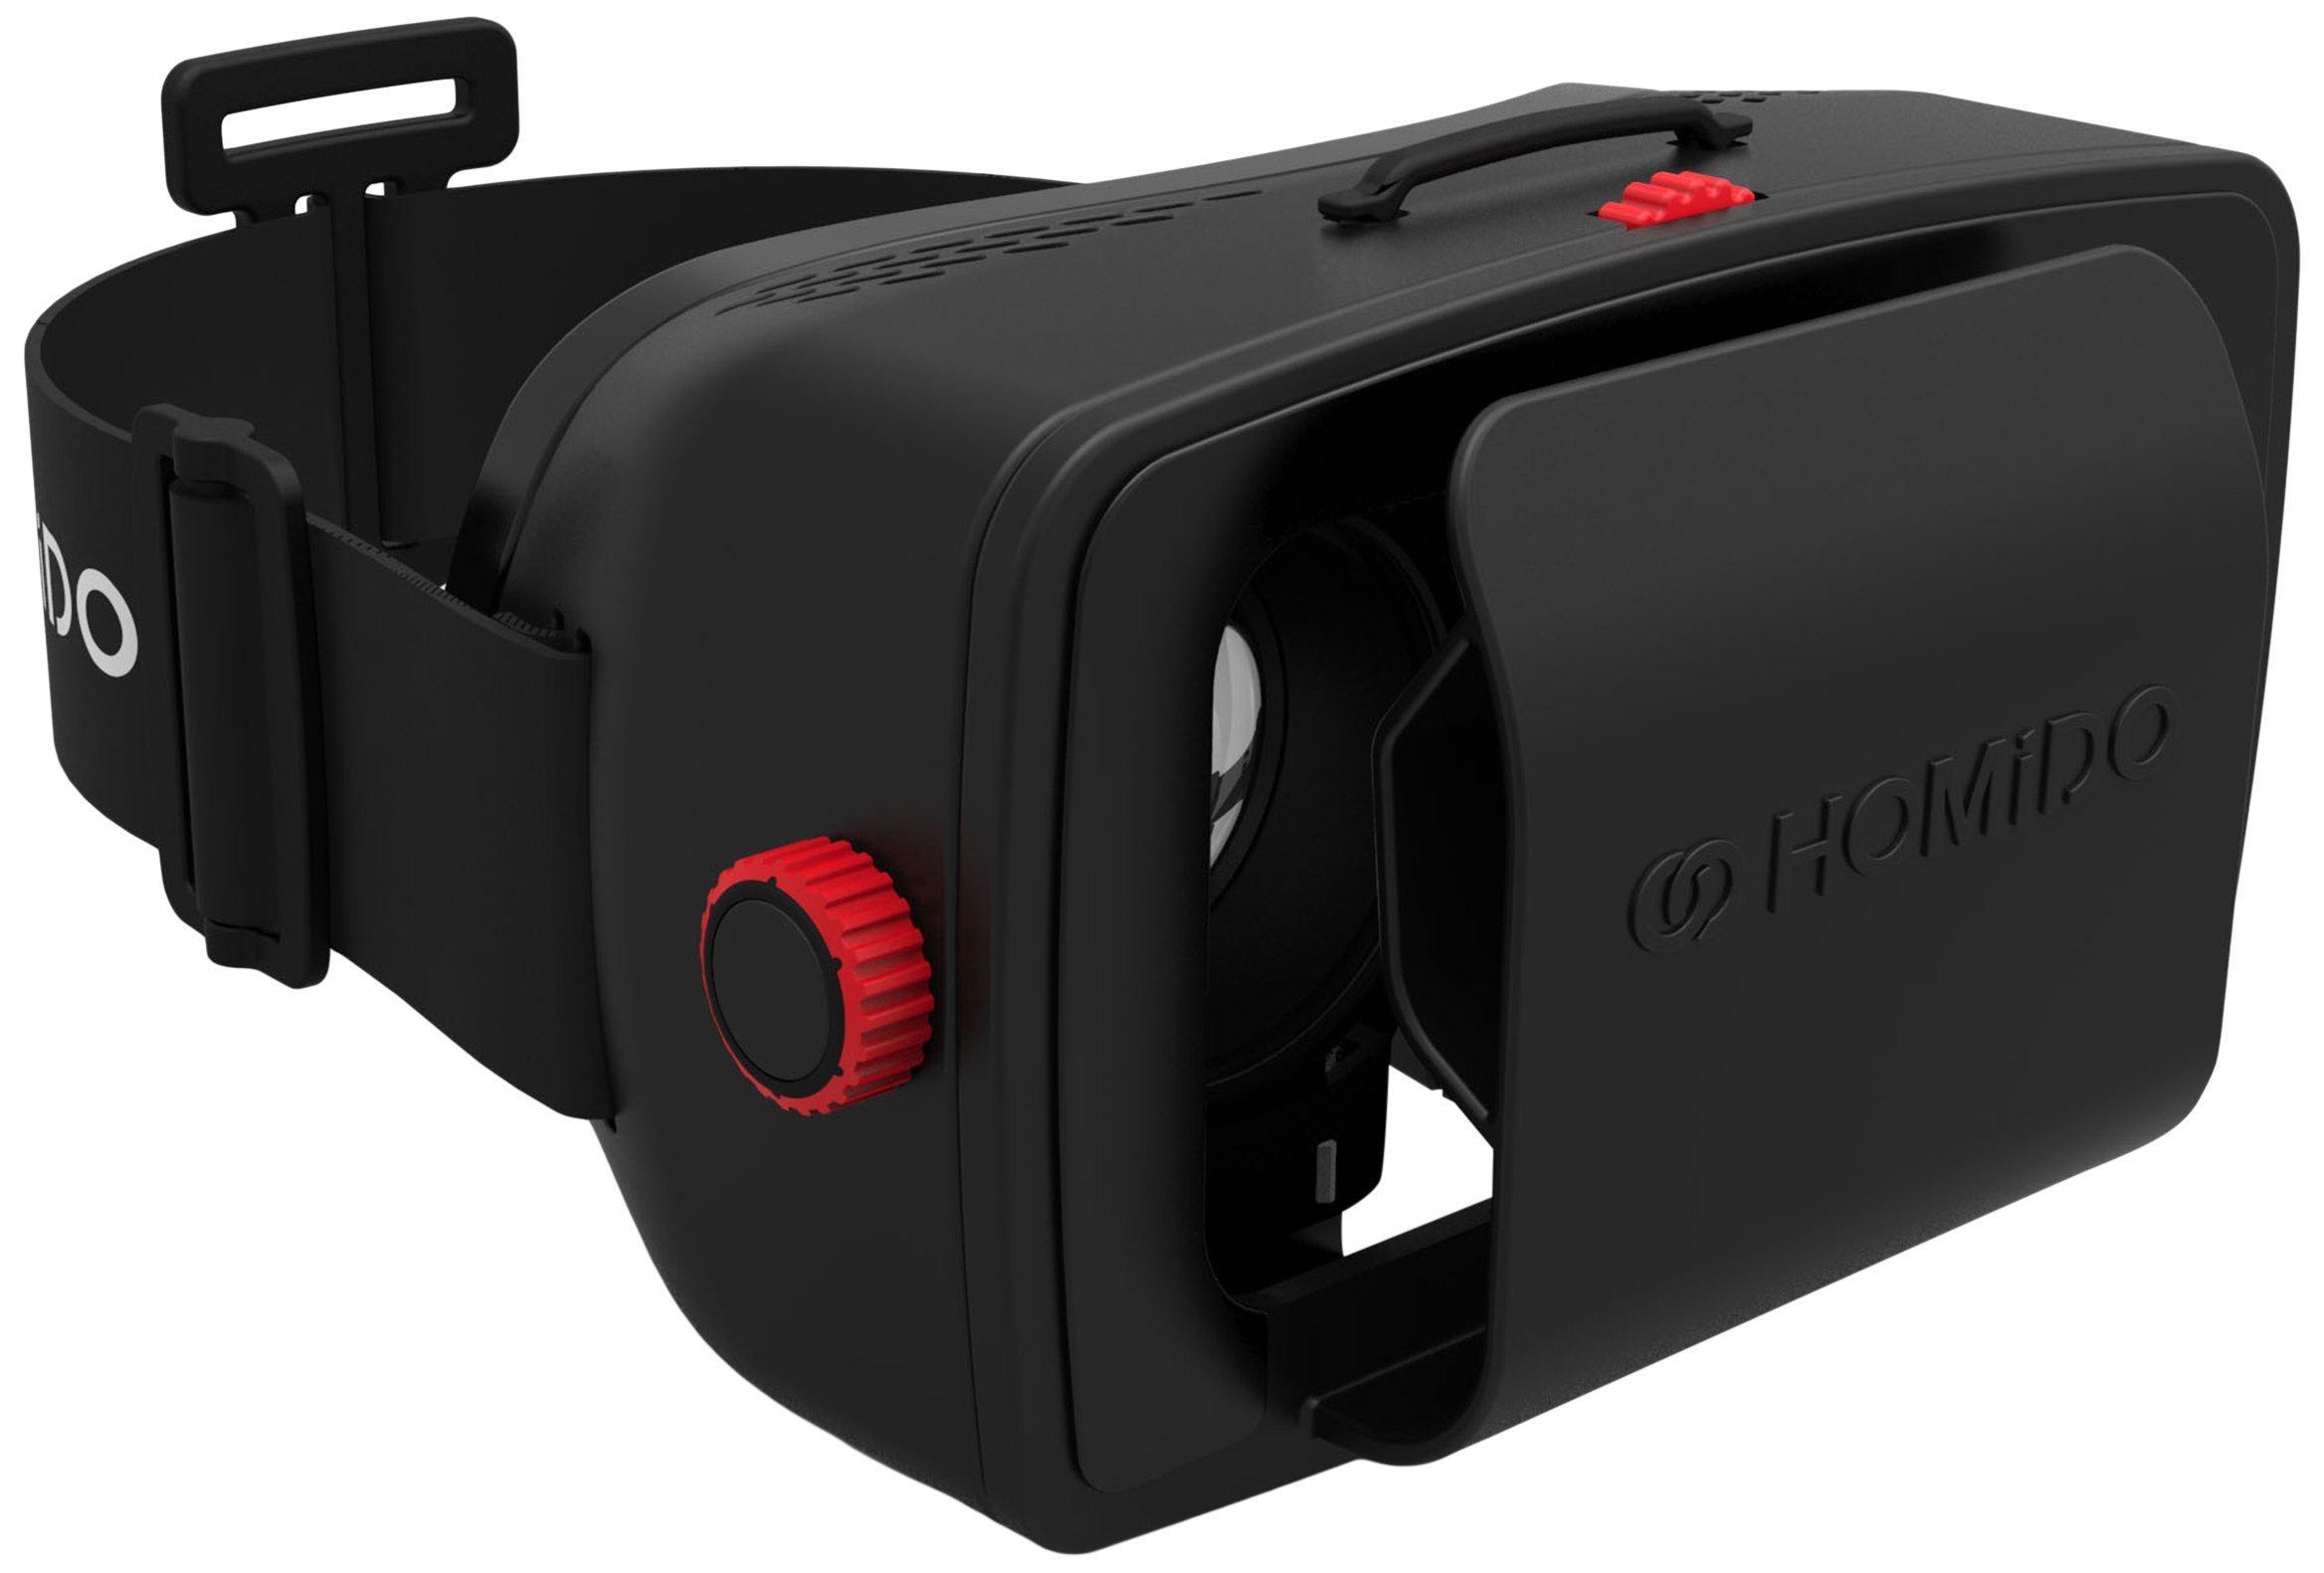 Homido Casque de réalité virtuelle – Noir